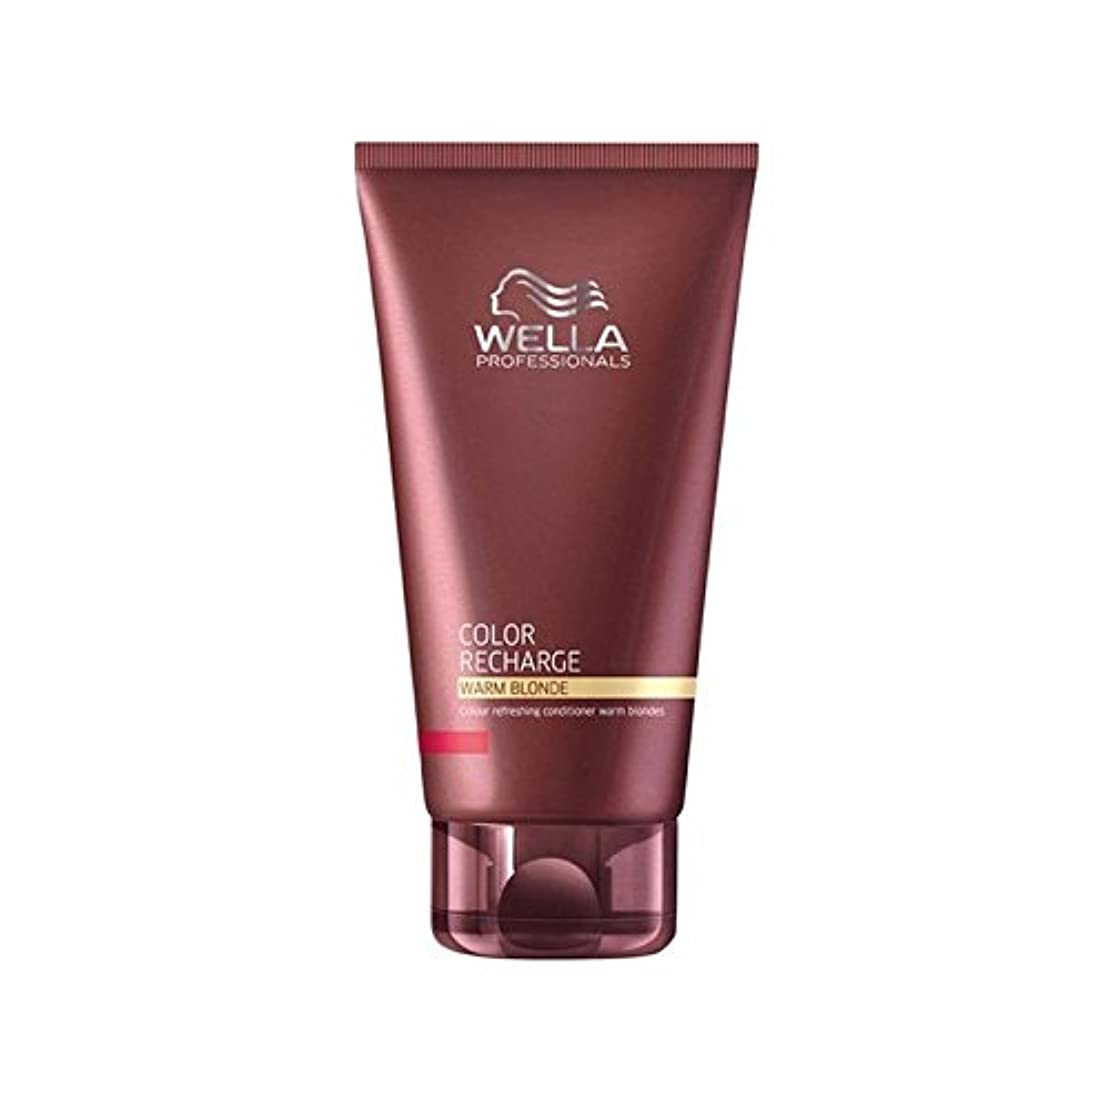 実質的余韻コロニアルWella Professionals Color Recharge Conditioner Warm Blonde (200ml) - ウエラ専門家のカラー再充電コンディショナー暖かいブロンド(200ミリリットル) [...